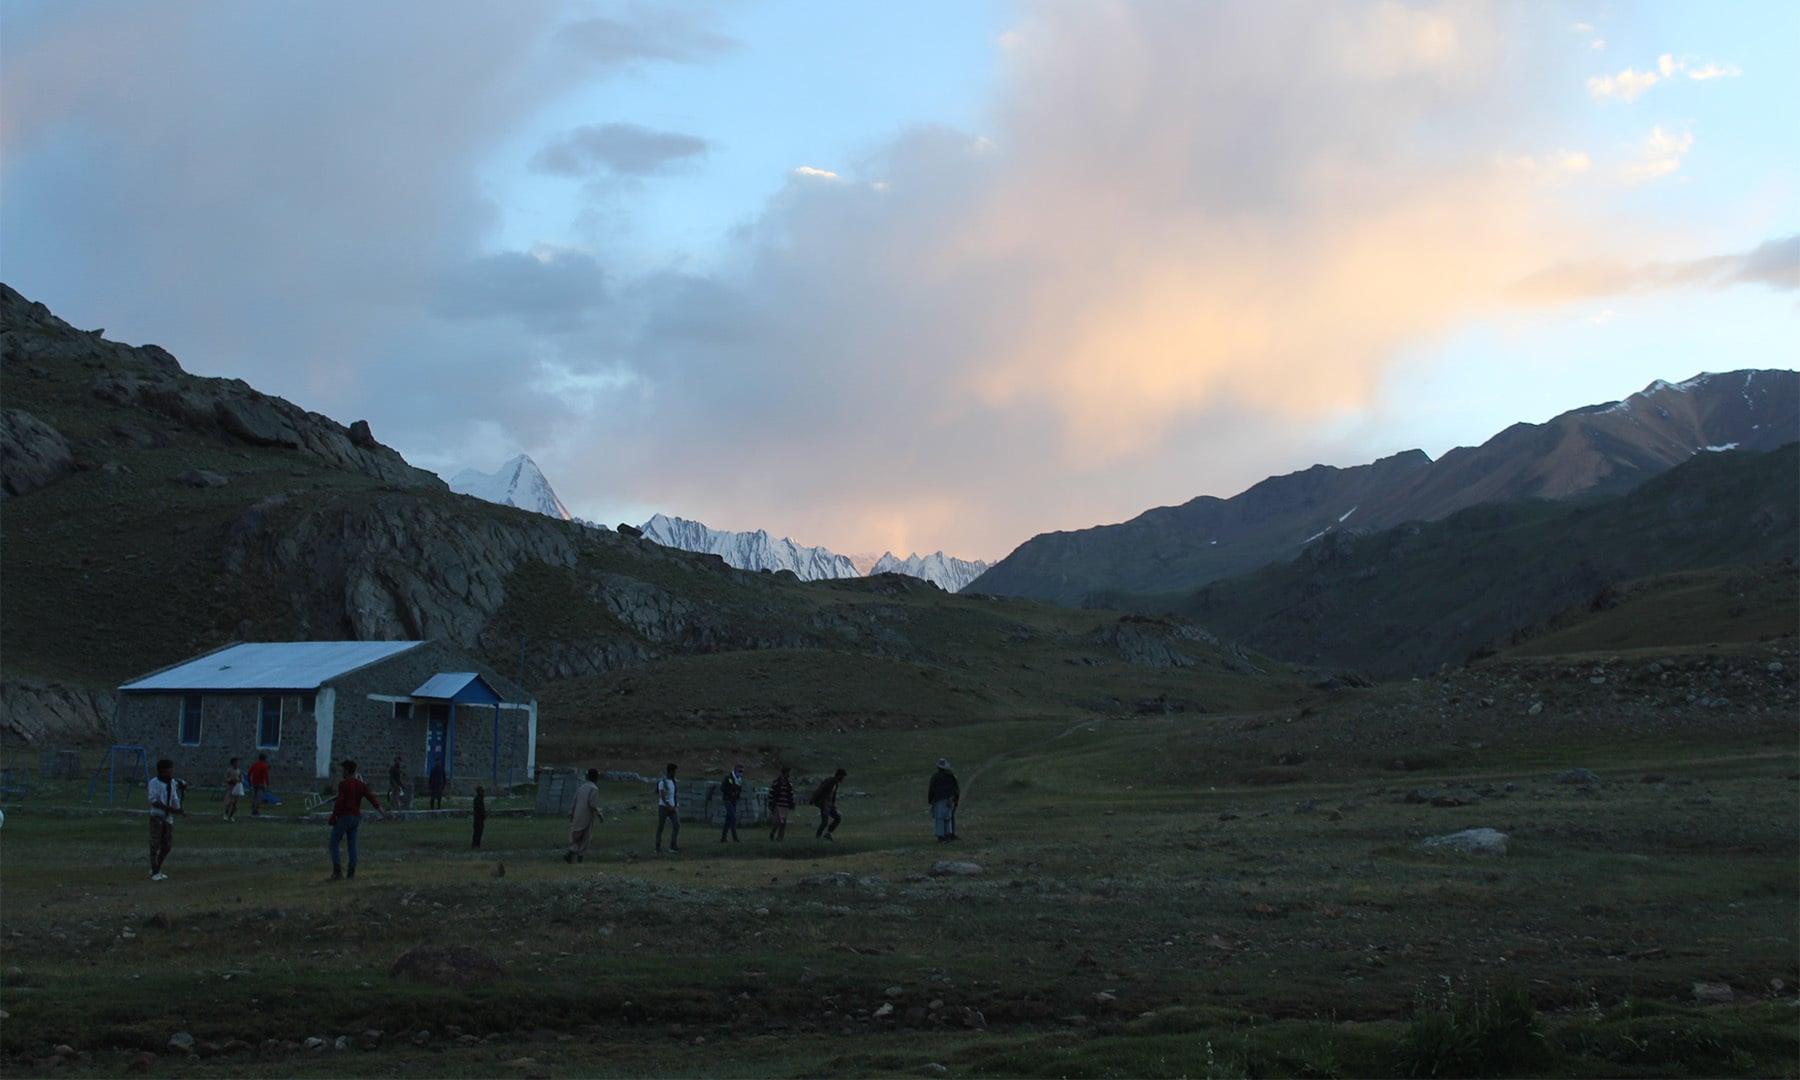 گرل گاؤں میں غروب آفتاب کا مسحور کن منظر